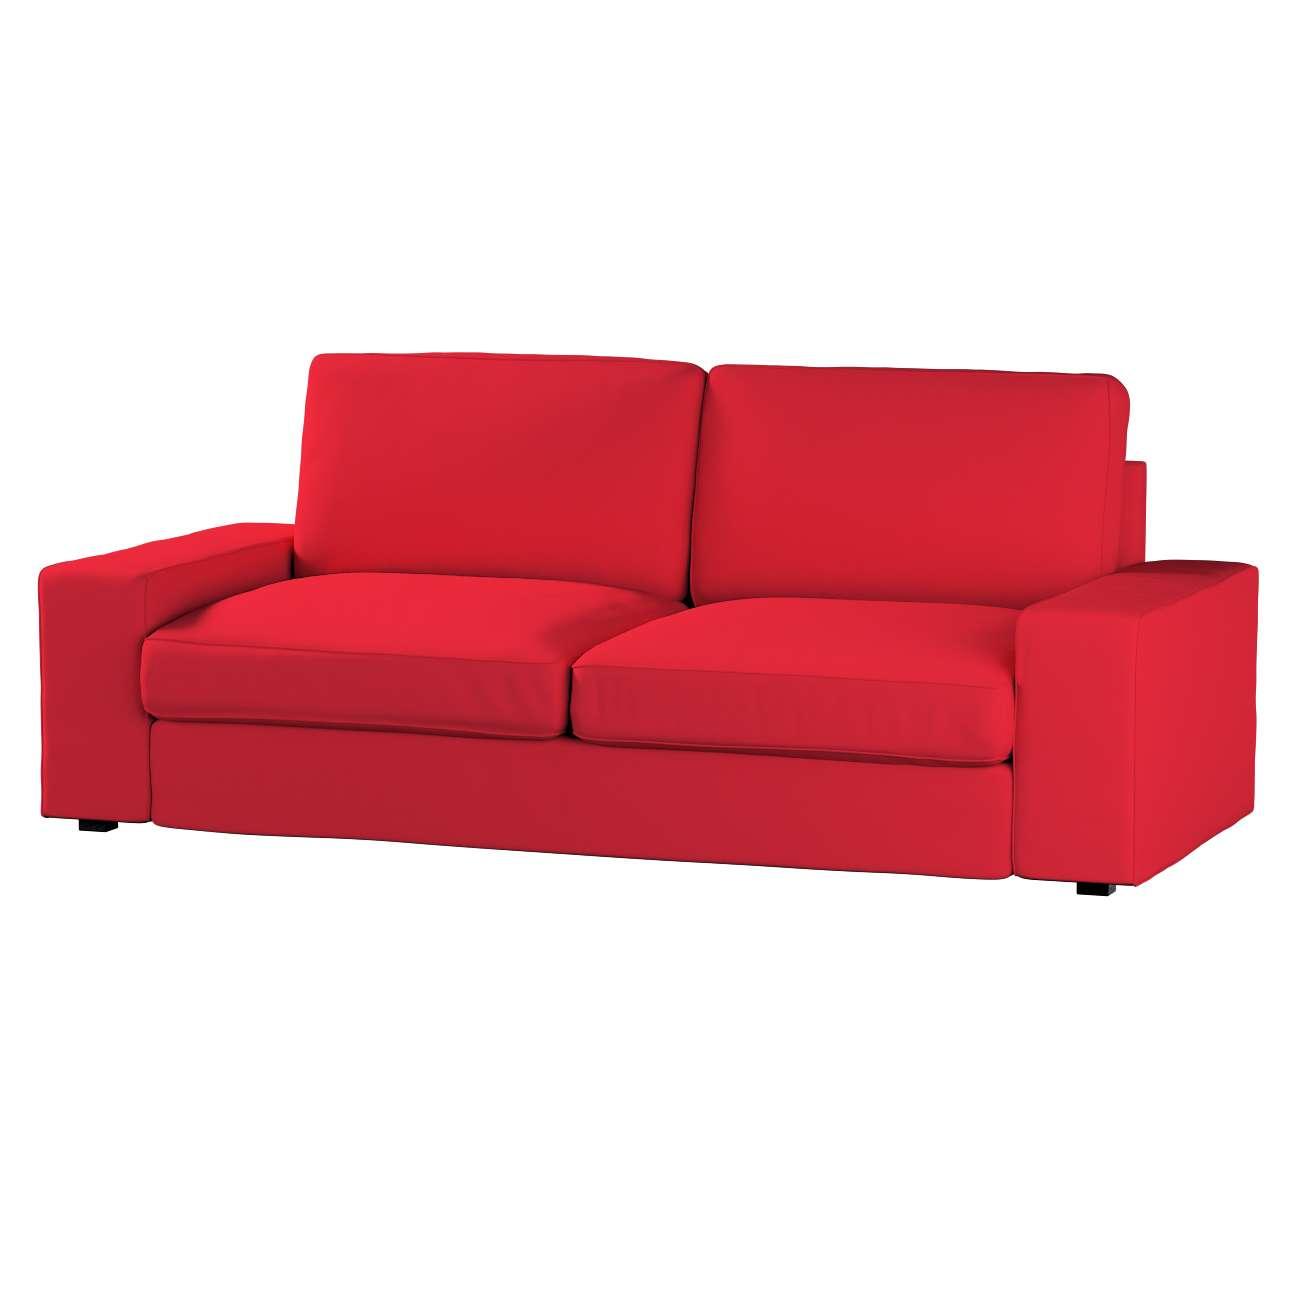 KIVIK trivietės sofos užvalkalas Kivik 3-seat sofa kolekcijoje Cotton Panama, audinys: 702-04